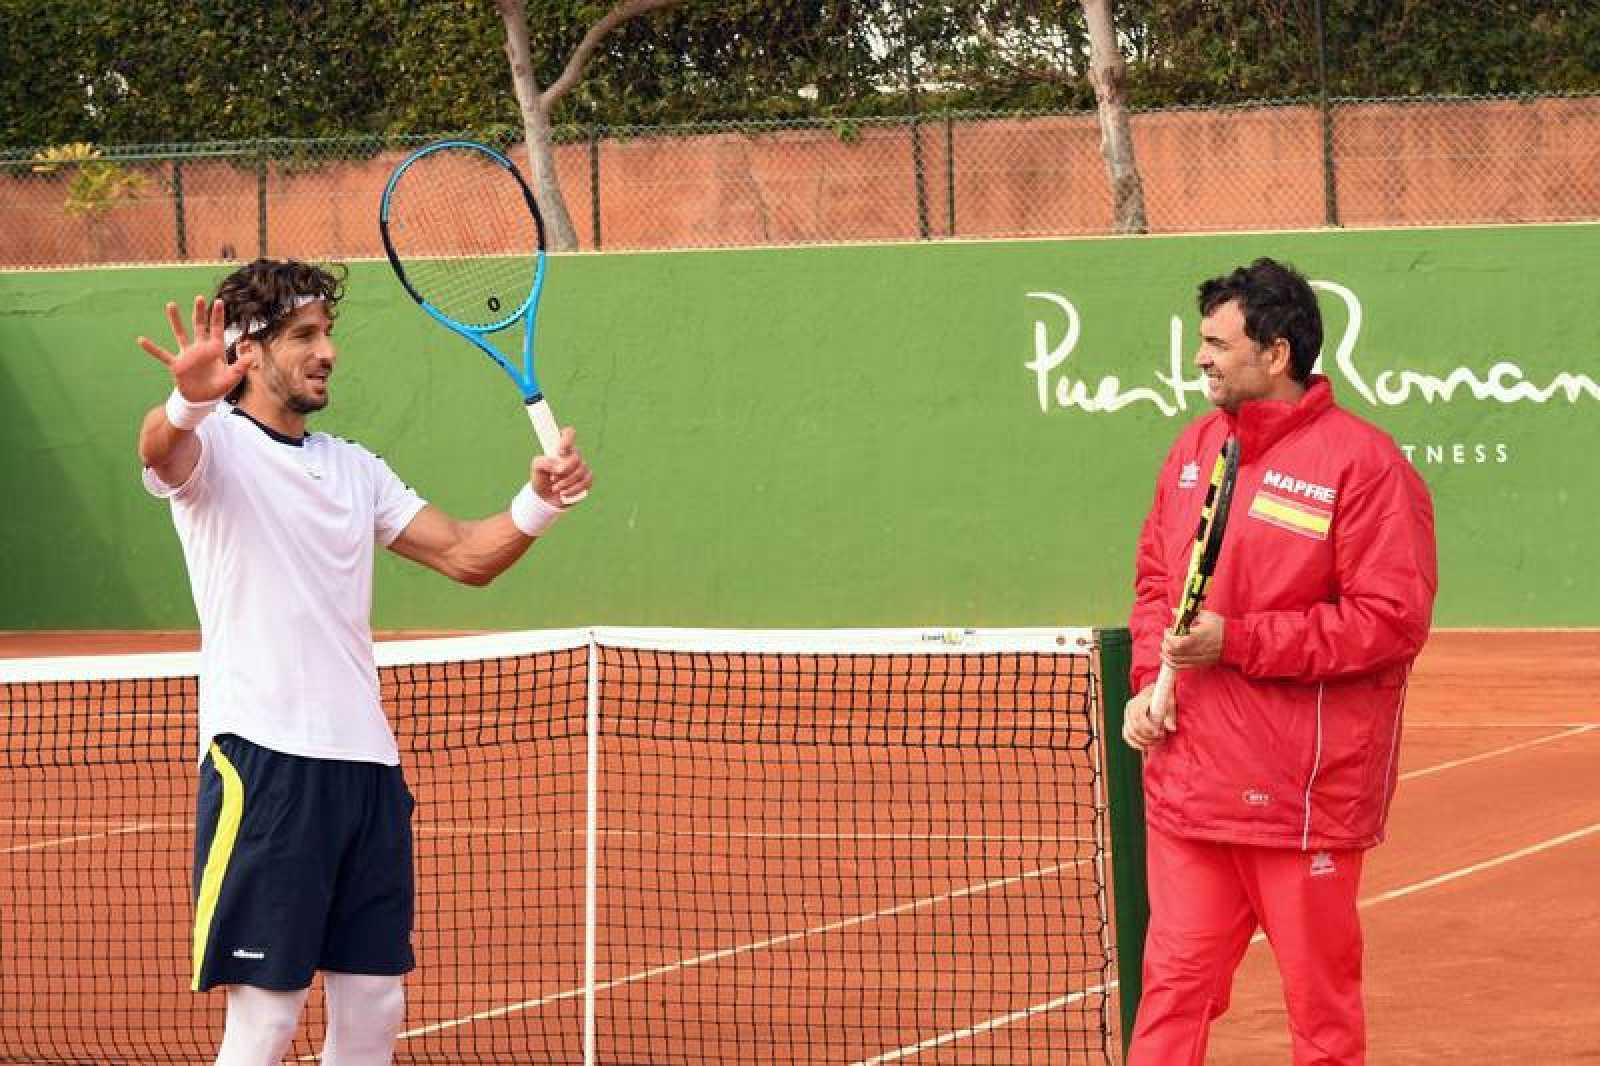 Sergi Bruguera conversa con el tenista Feliciano López durante el entrenamiento.